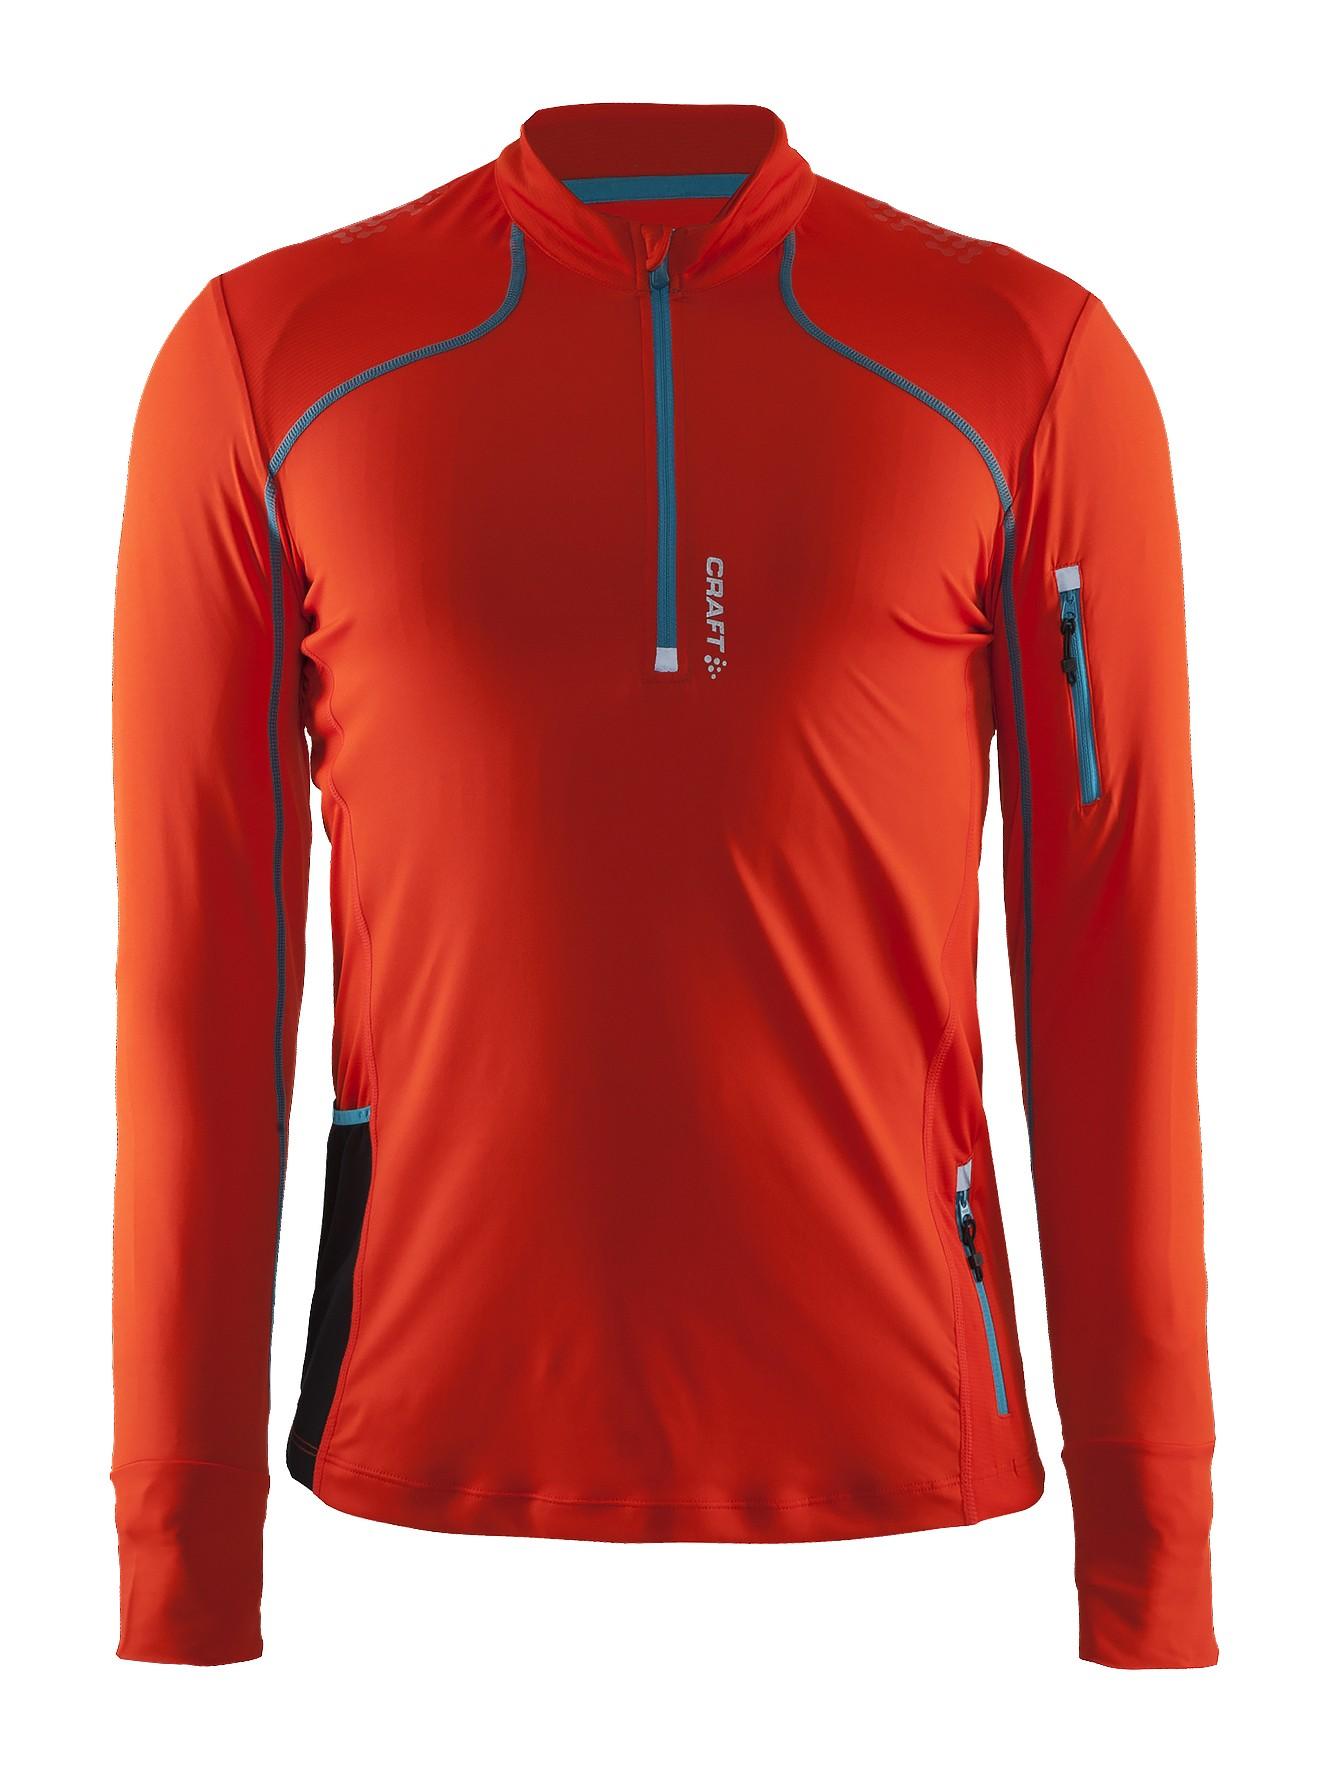 dbc43327a2d8f1 Craft Trail LS Shirt - męska bluza do biegania - pomarańcza SS16 ...